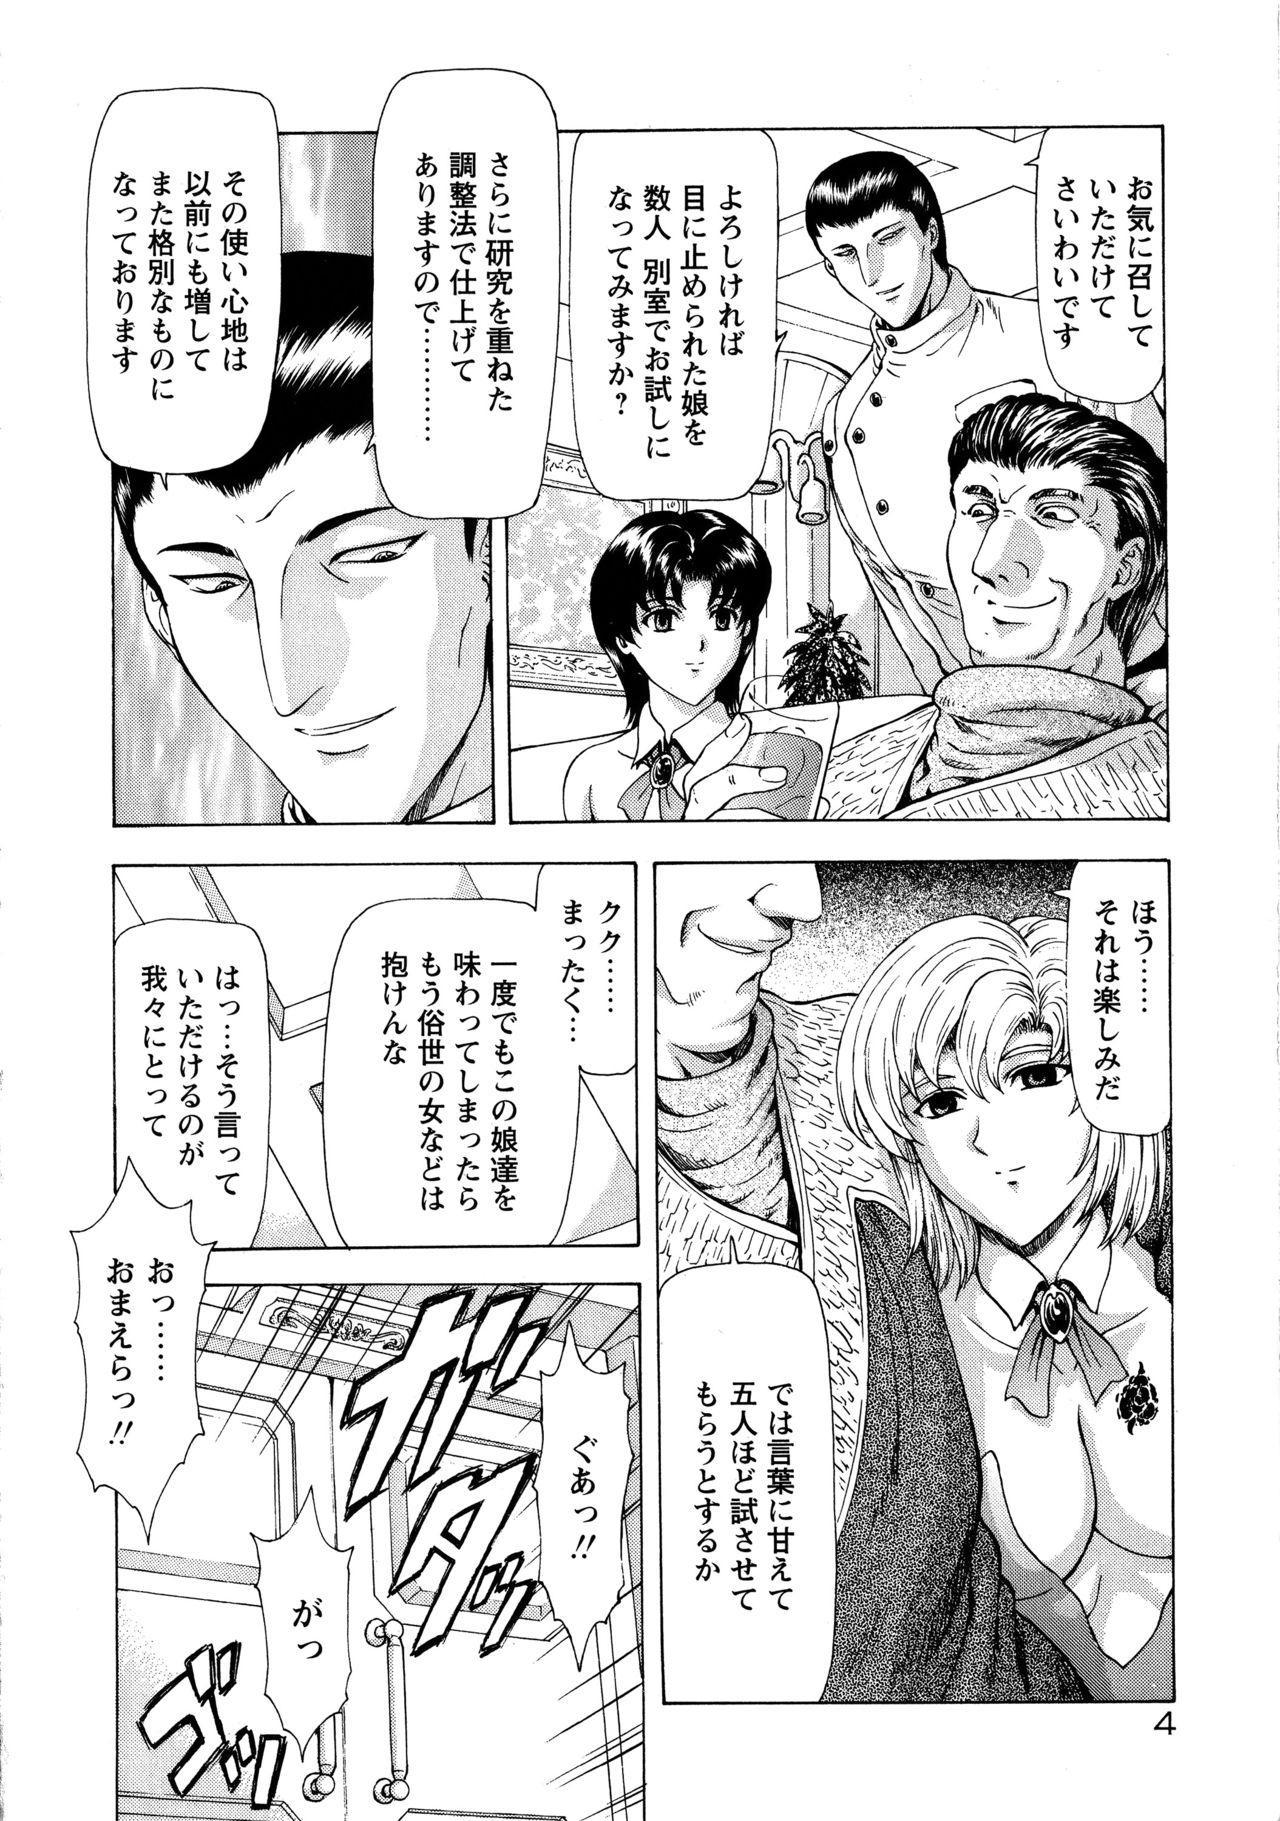 Ginryuu no Reimei Vol. 1 11